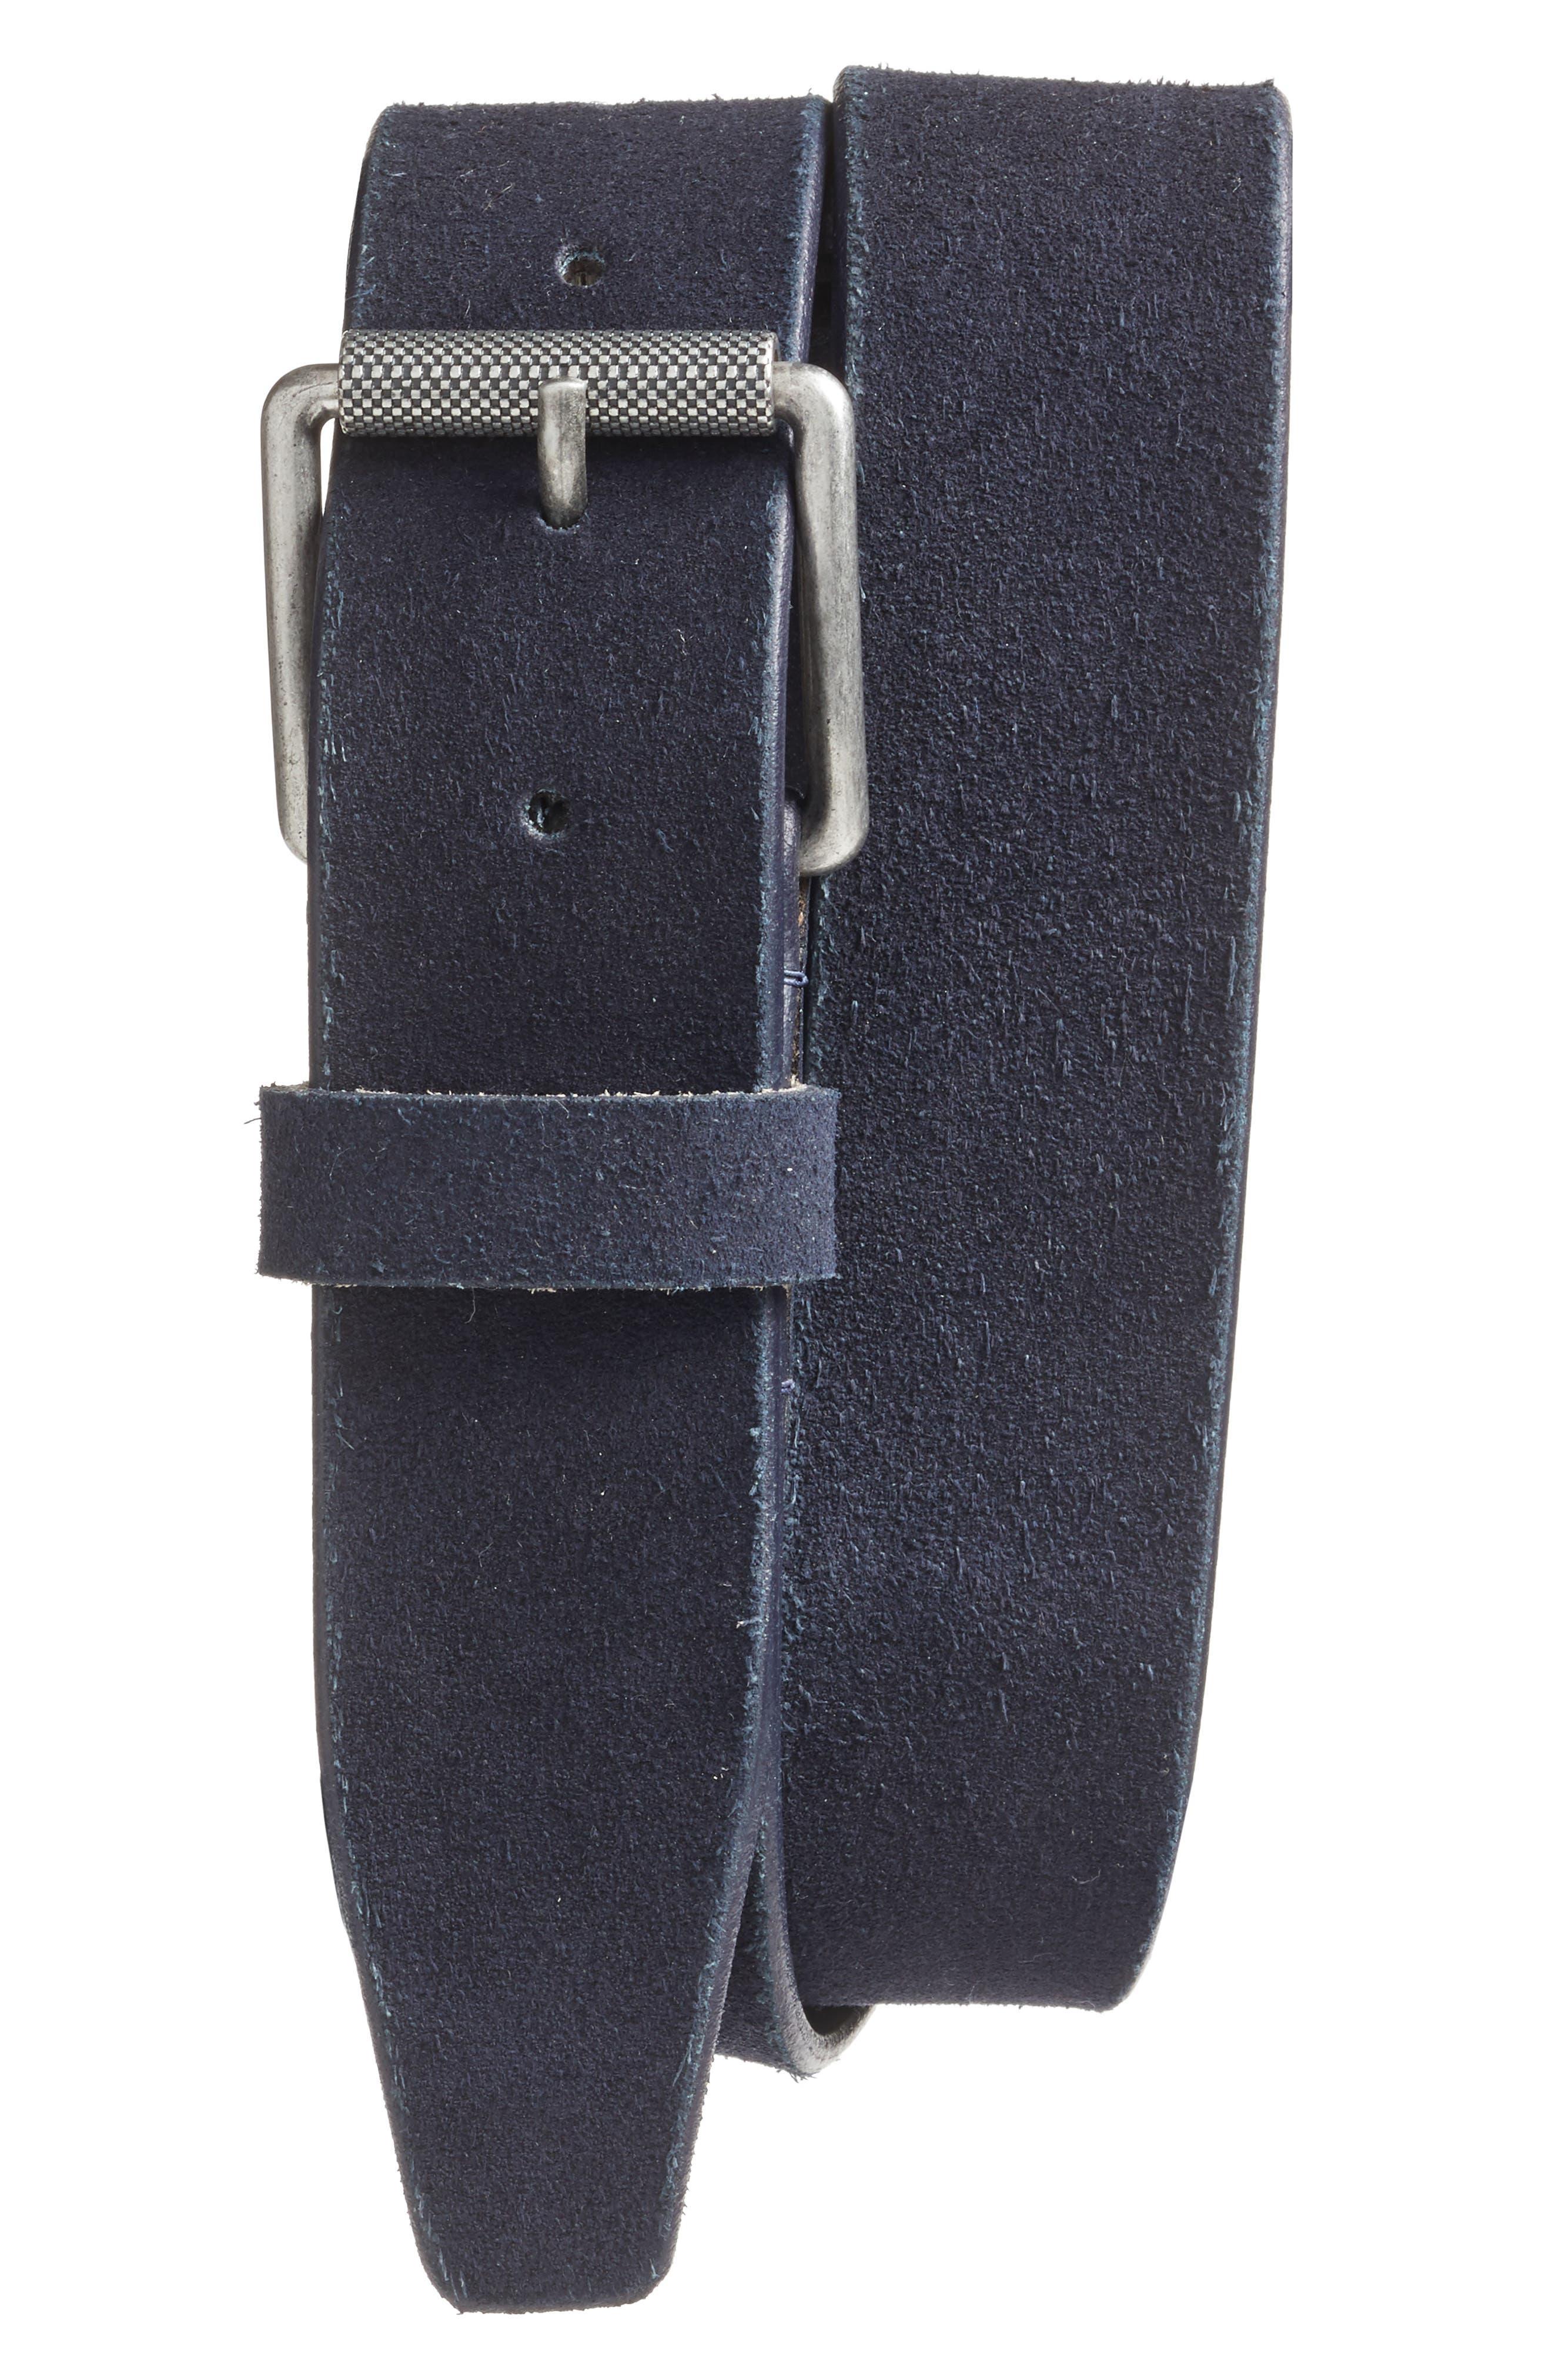 Main Image - 1901 Adrian Roller Buckle Suede Belt